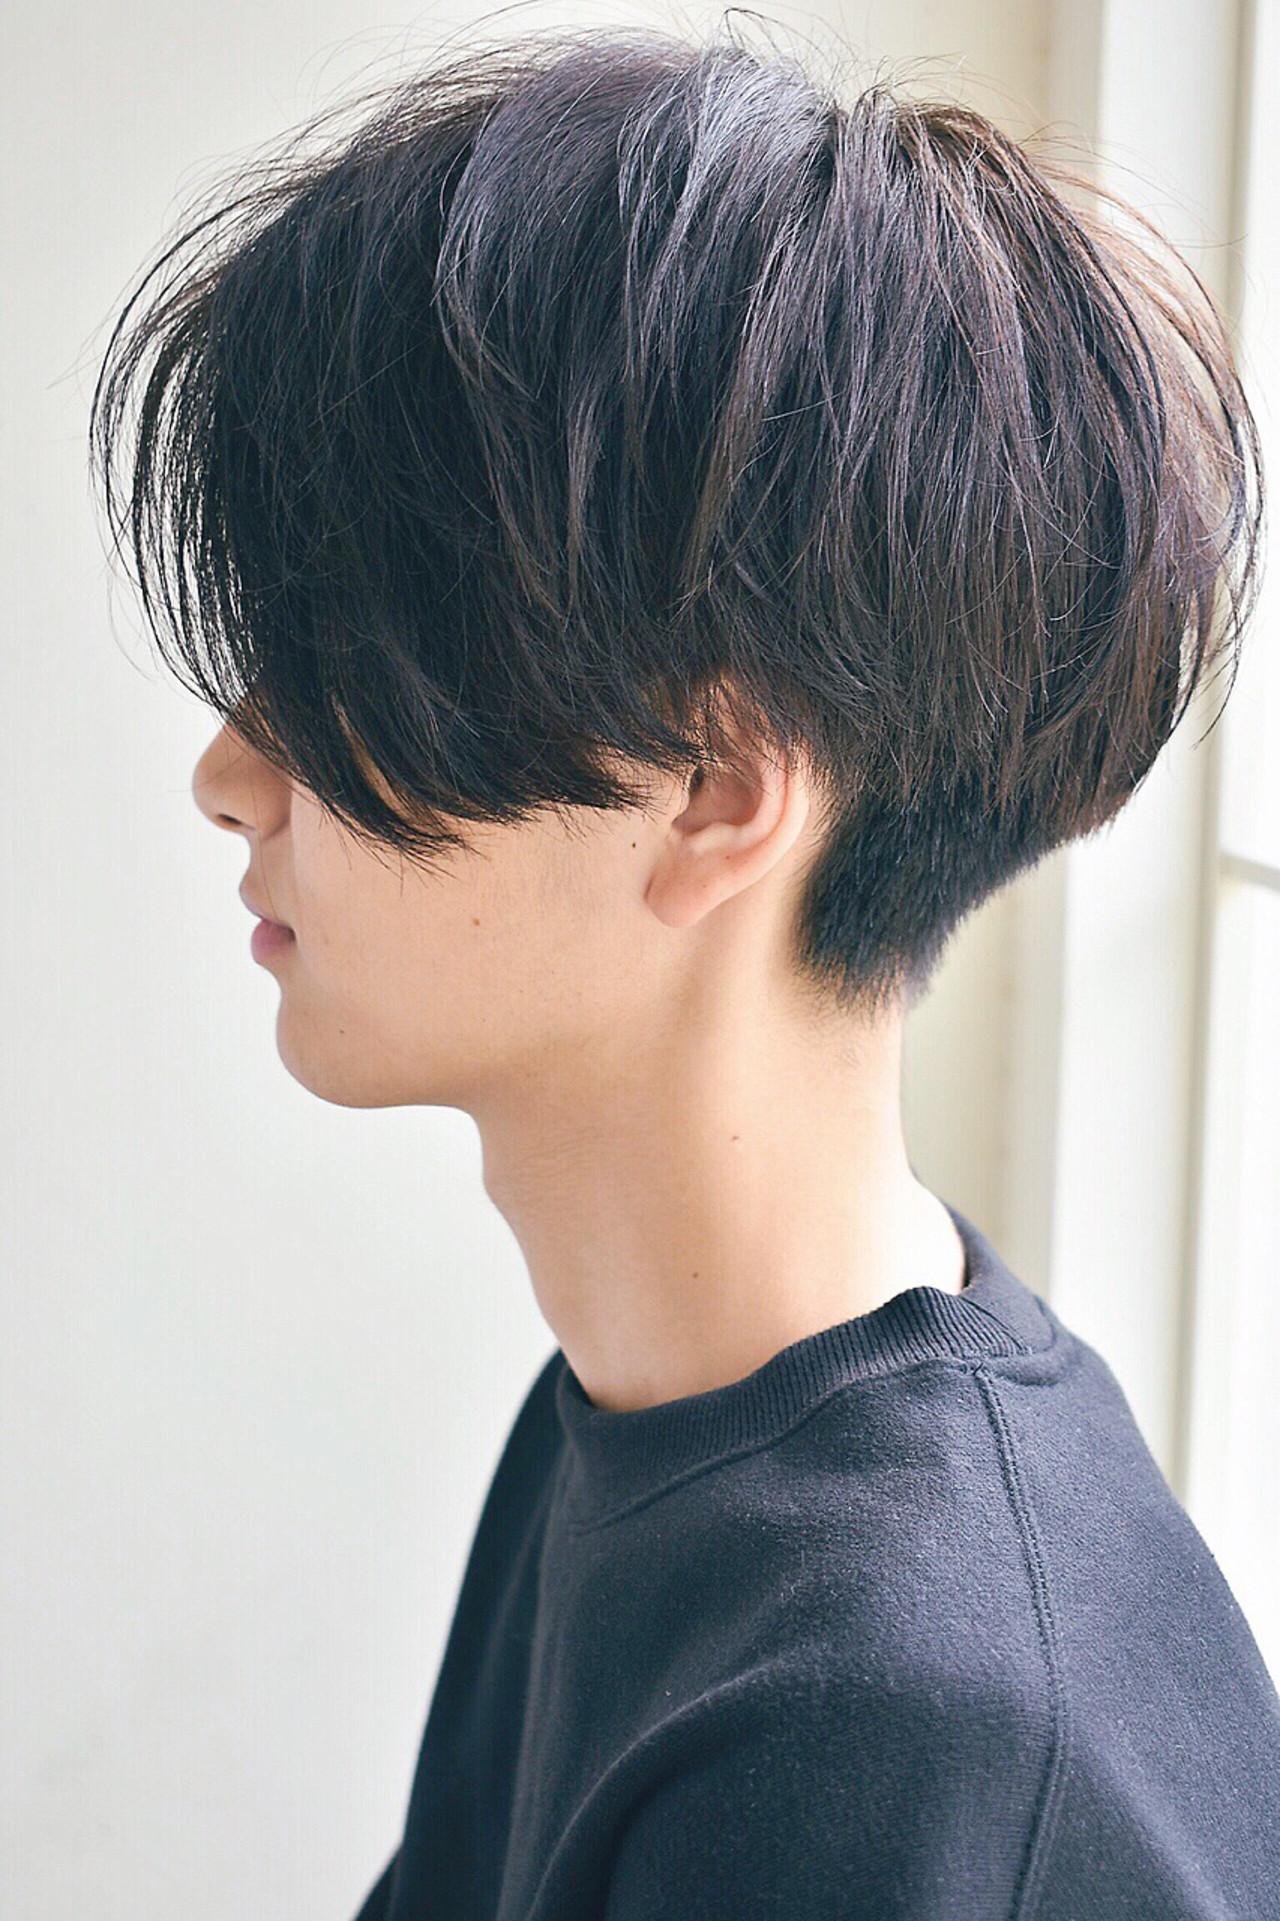 メンズヘア メンズカジュアル メンズパーマ メンズカット ヘアスタイルや髪型の写真・画像